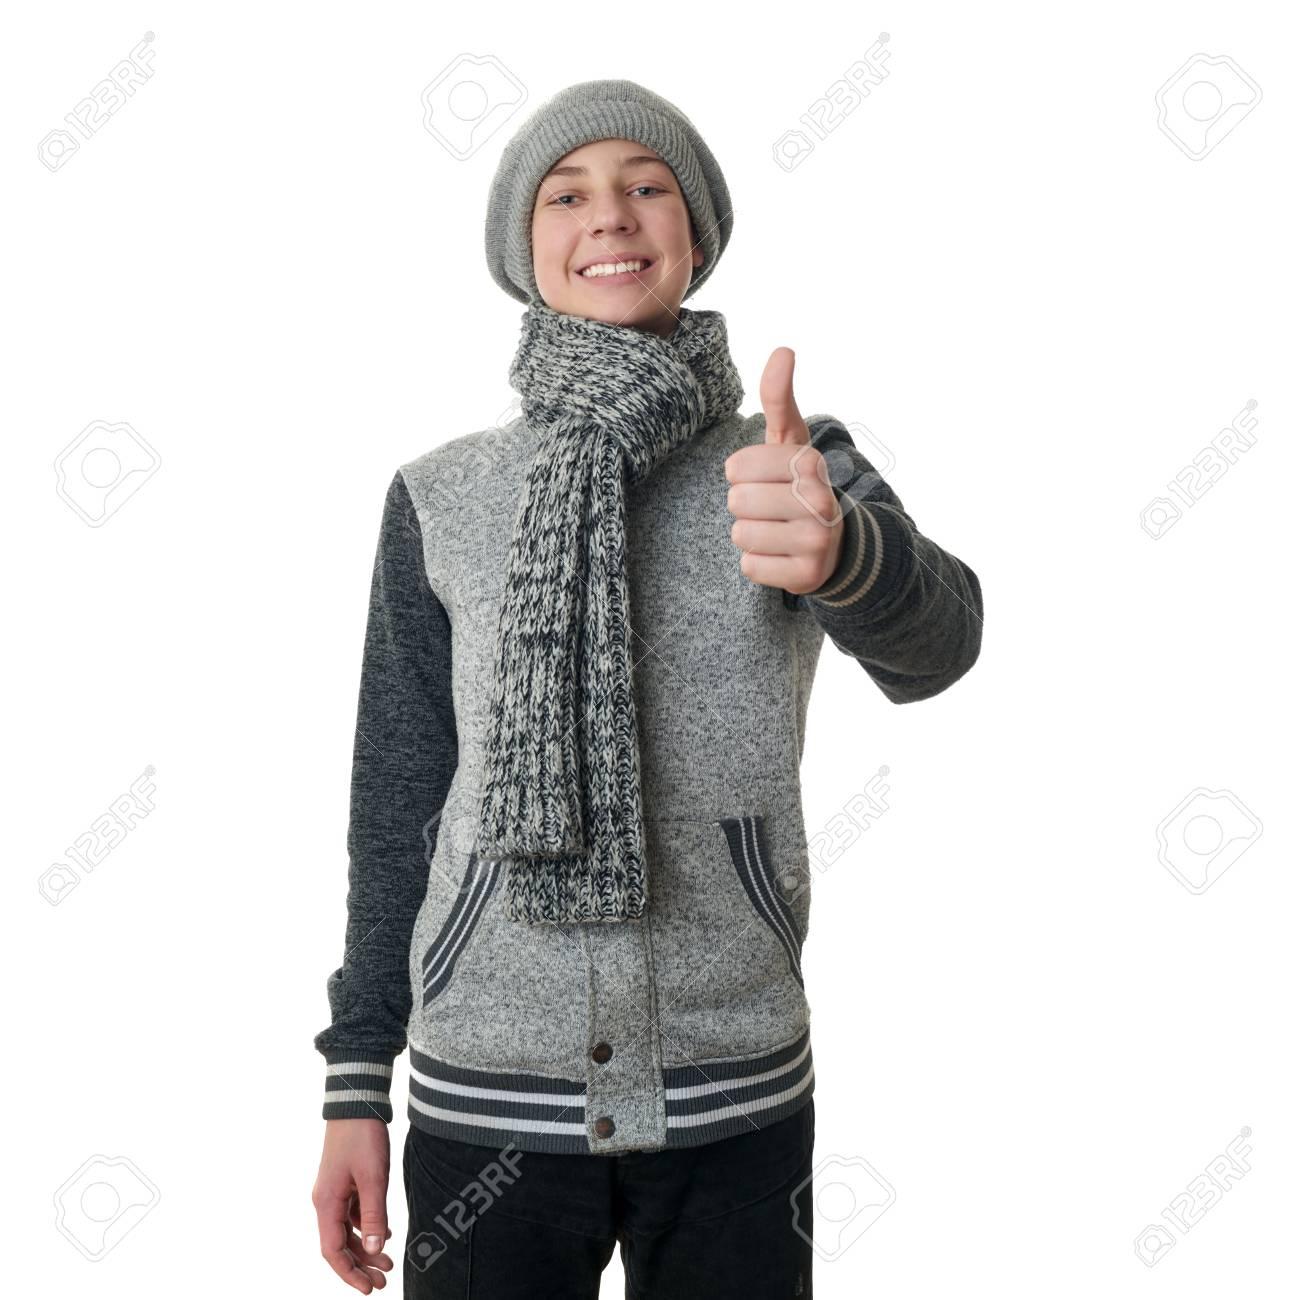 bajo precio e72f8 30eea Chico lindo adolescente en suéter gris, sombrero y bufanda mostrando pulgar  arriba signo sobre fondo blanco aislado, medio cuerpo